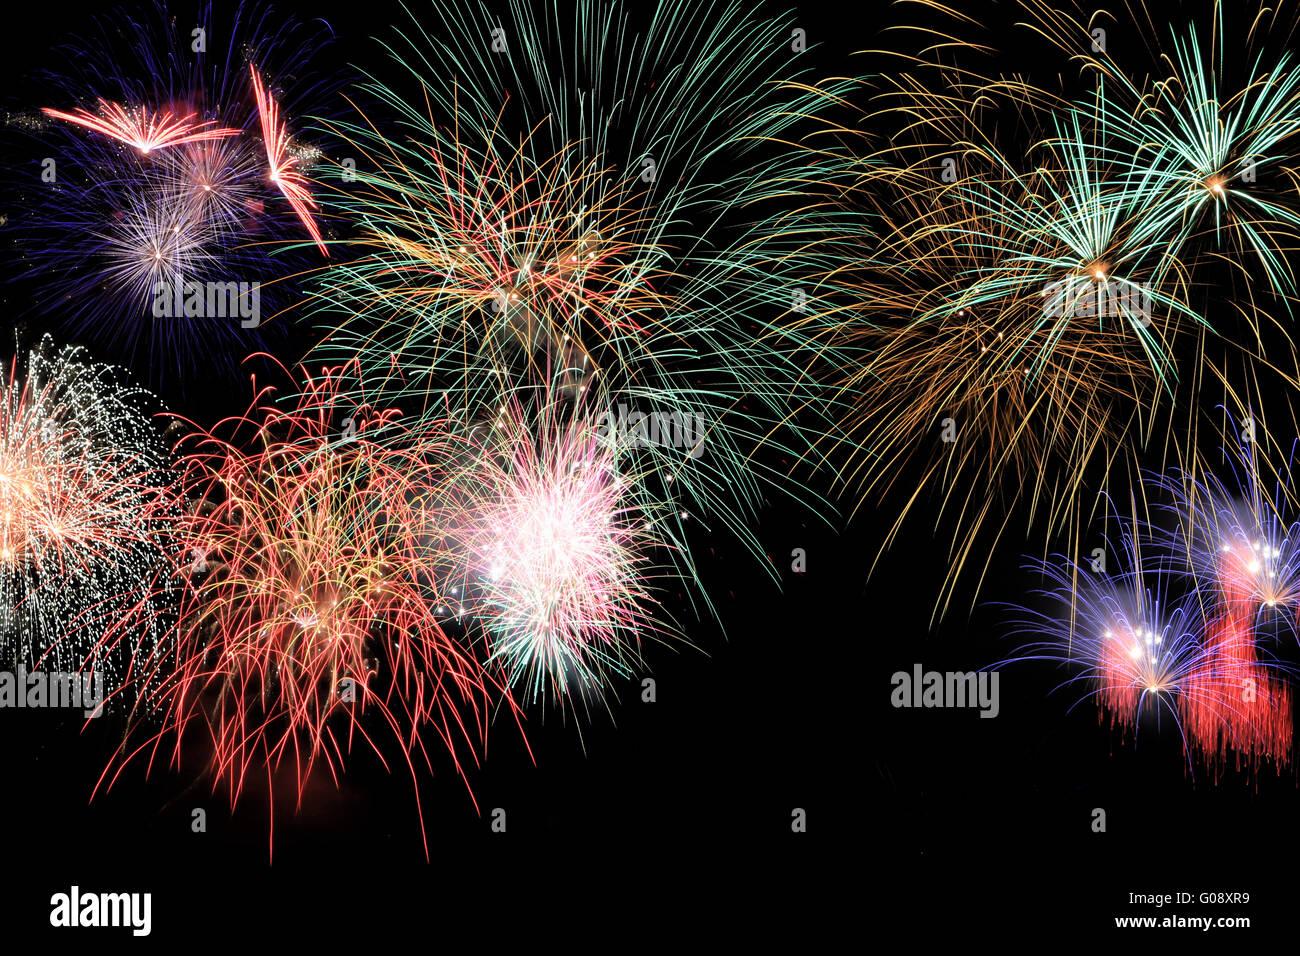 Fireworks szene Background - Stock Image